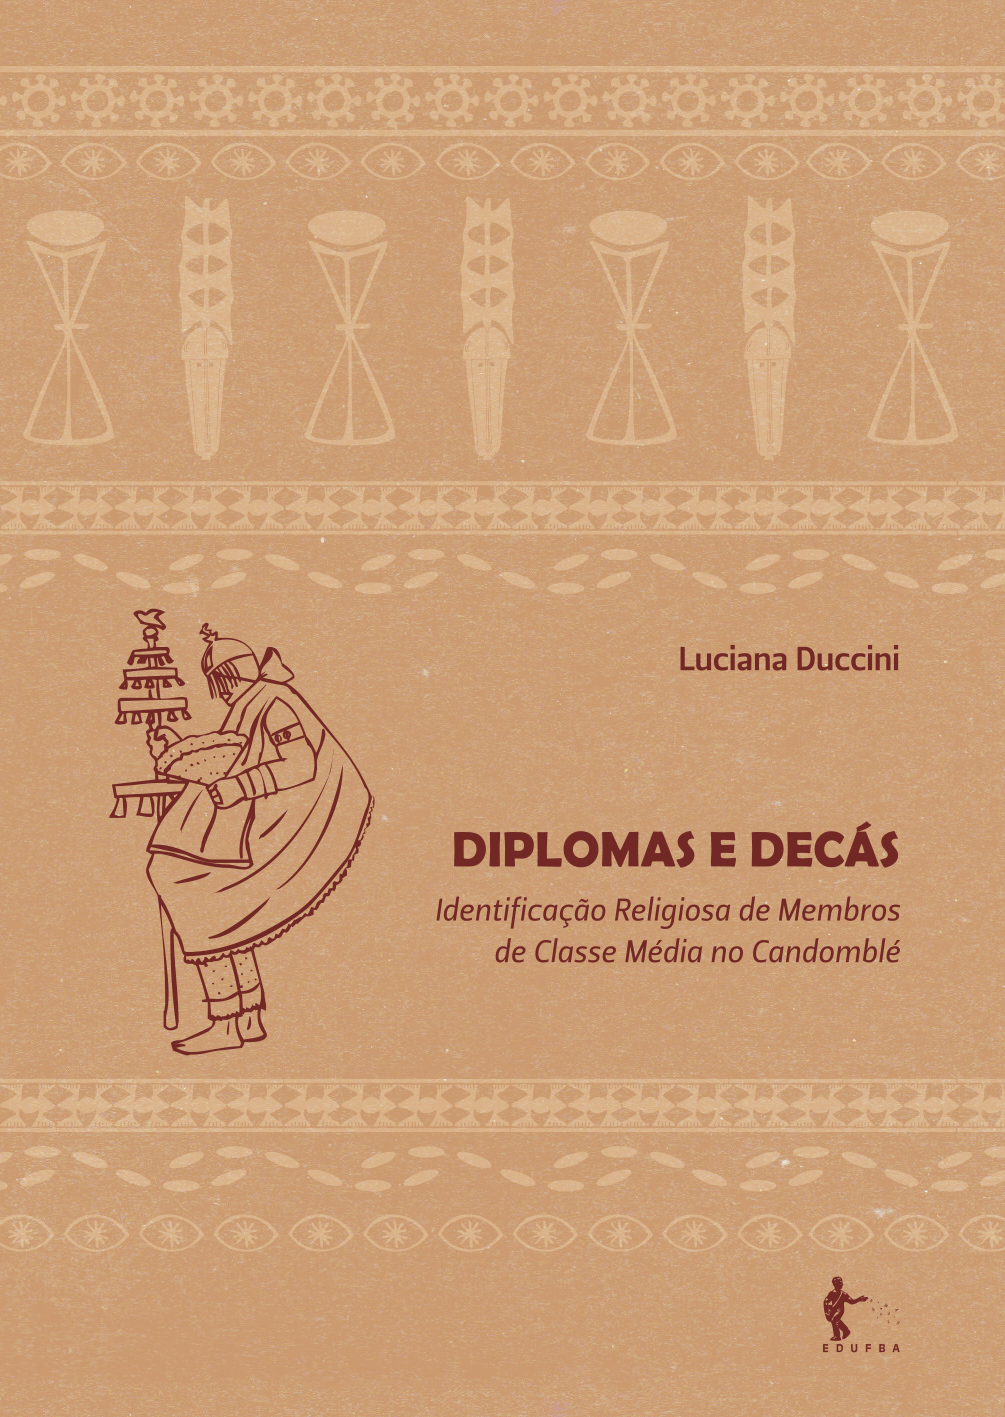 Diplomas e decás: identificação religiosa de membros de classe média no Candomblé, livro de Luciana Duccini